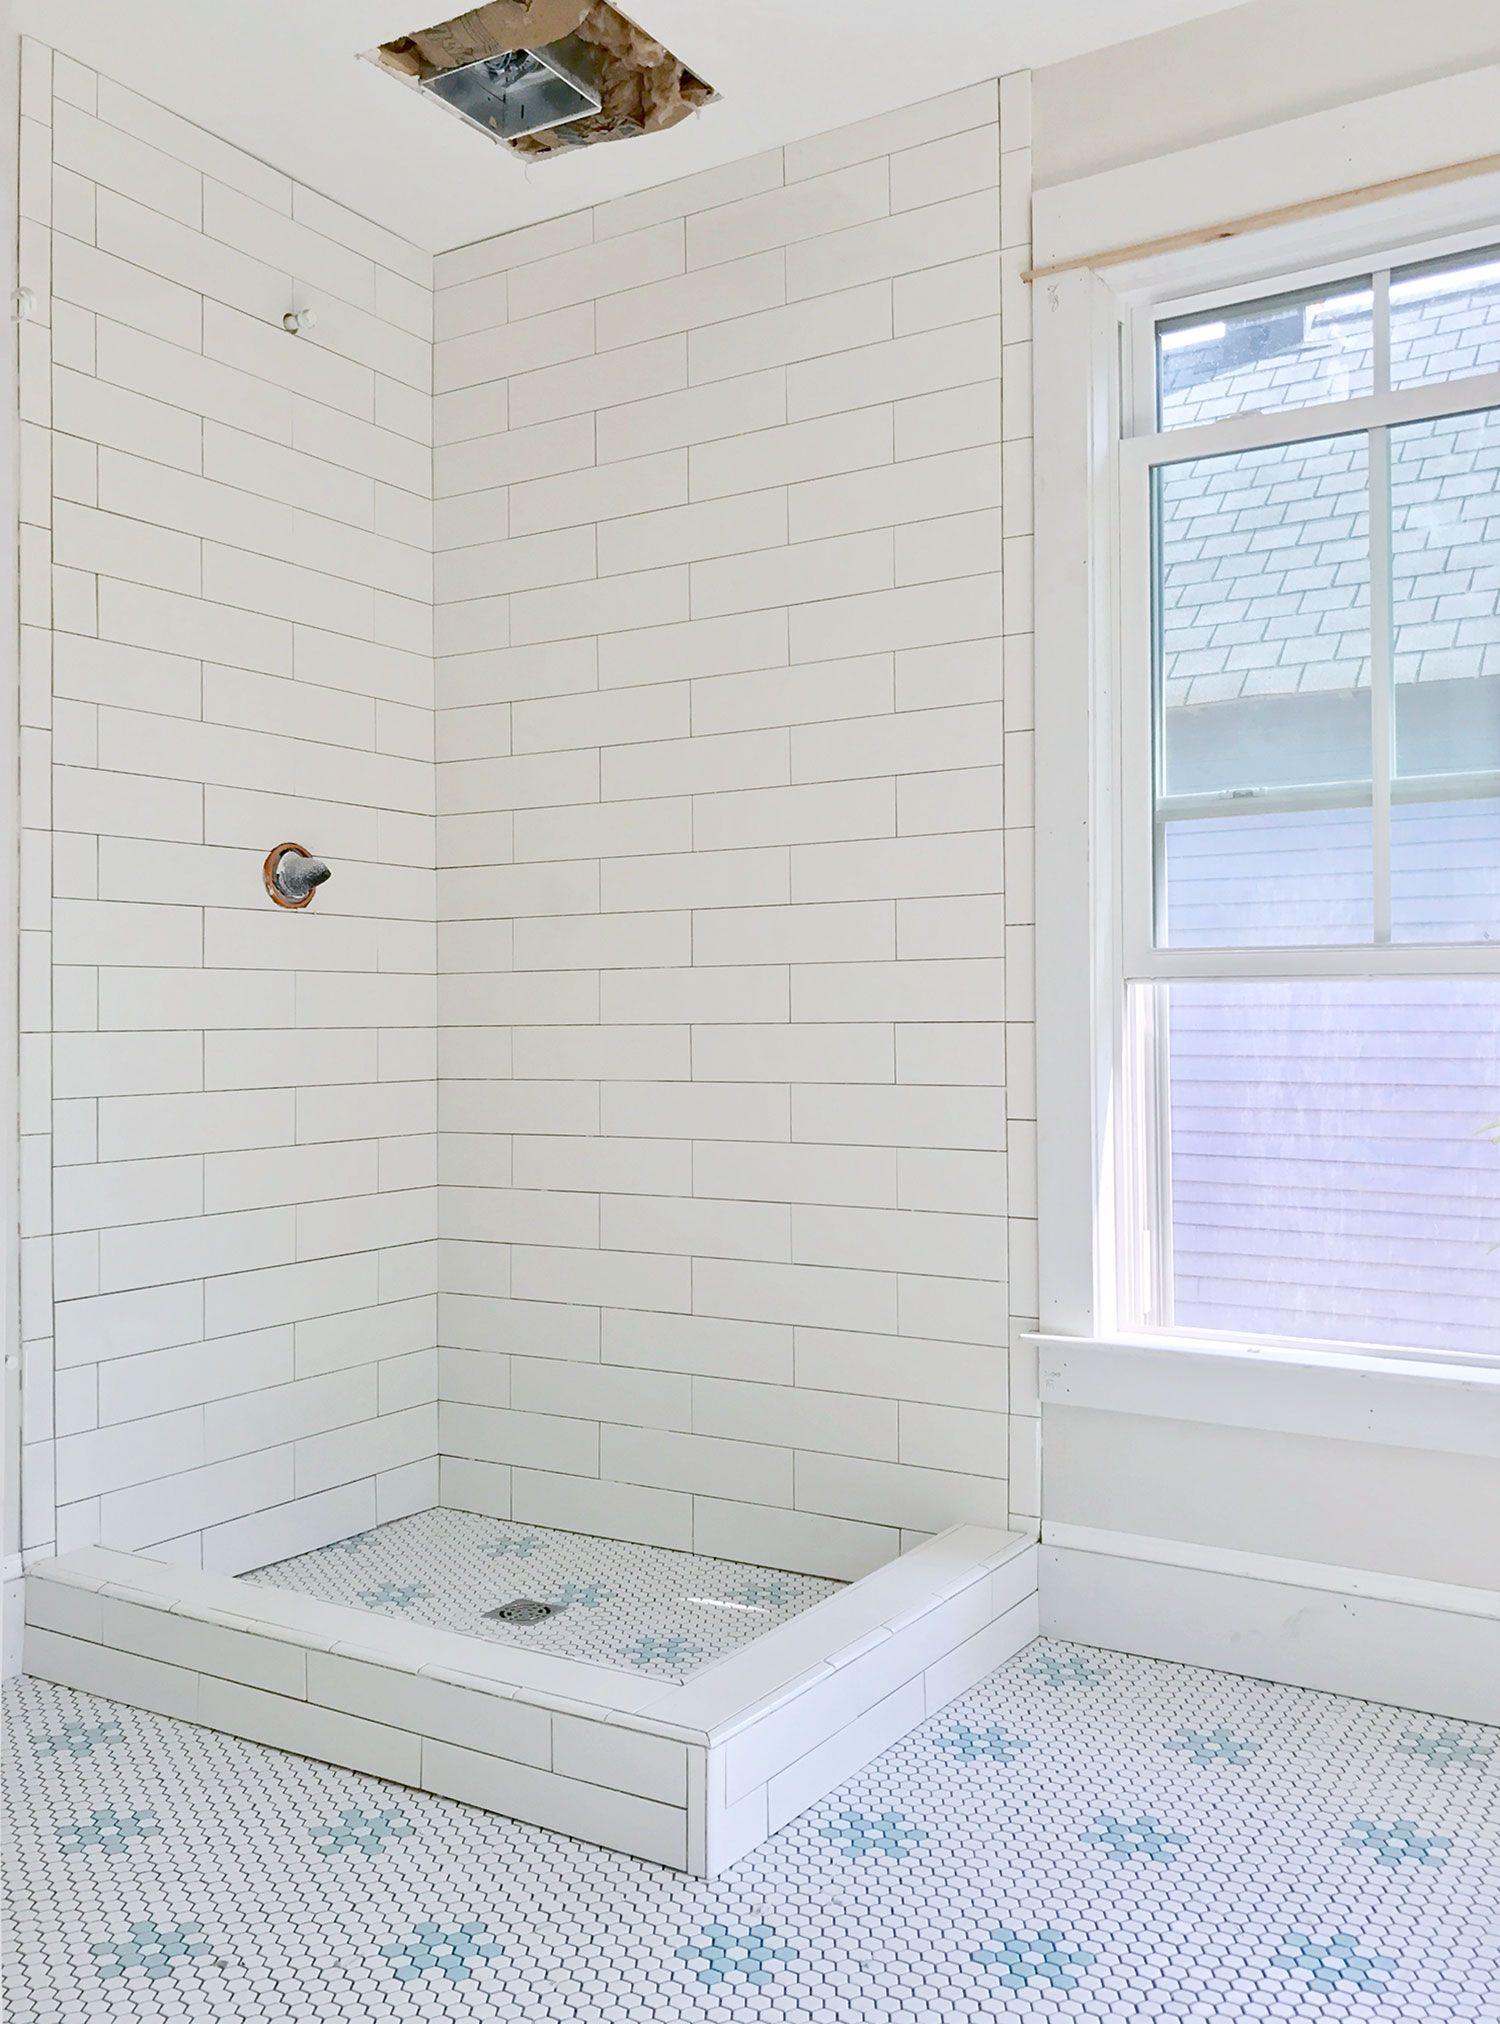 HOLY THINSET, BATMAN! The Beach House Bathrooms Are Tiled | Decor ...